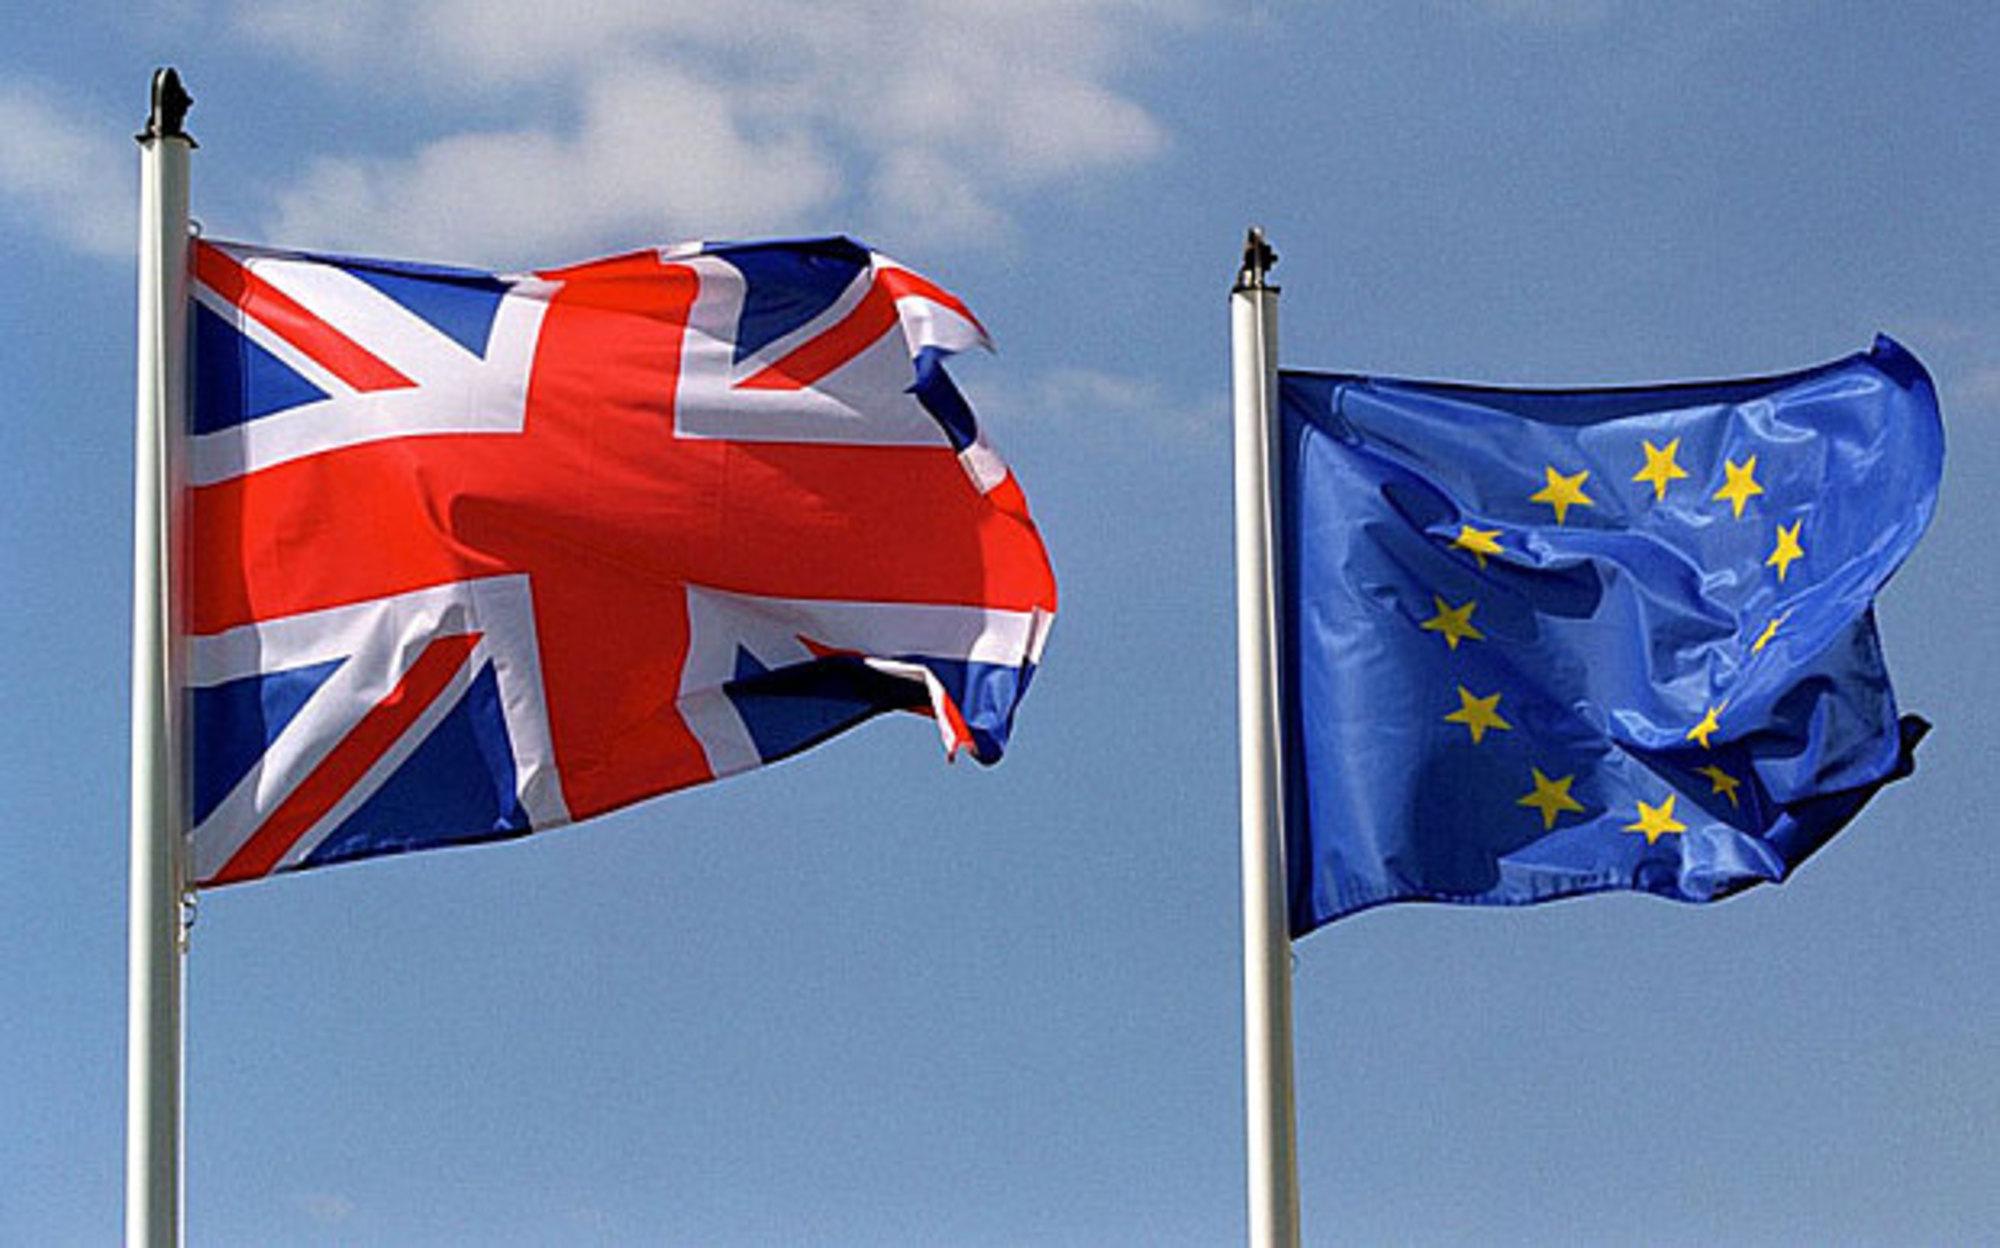 بريطانيا أمام تصويت تاريخي وحاسم غدا يحدد مصير بريكست